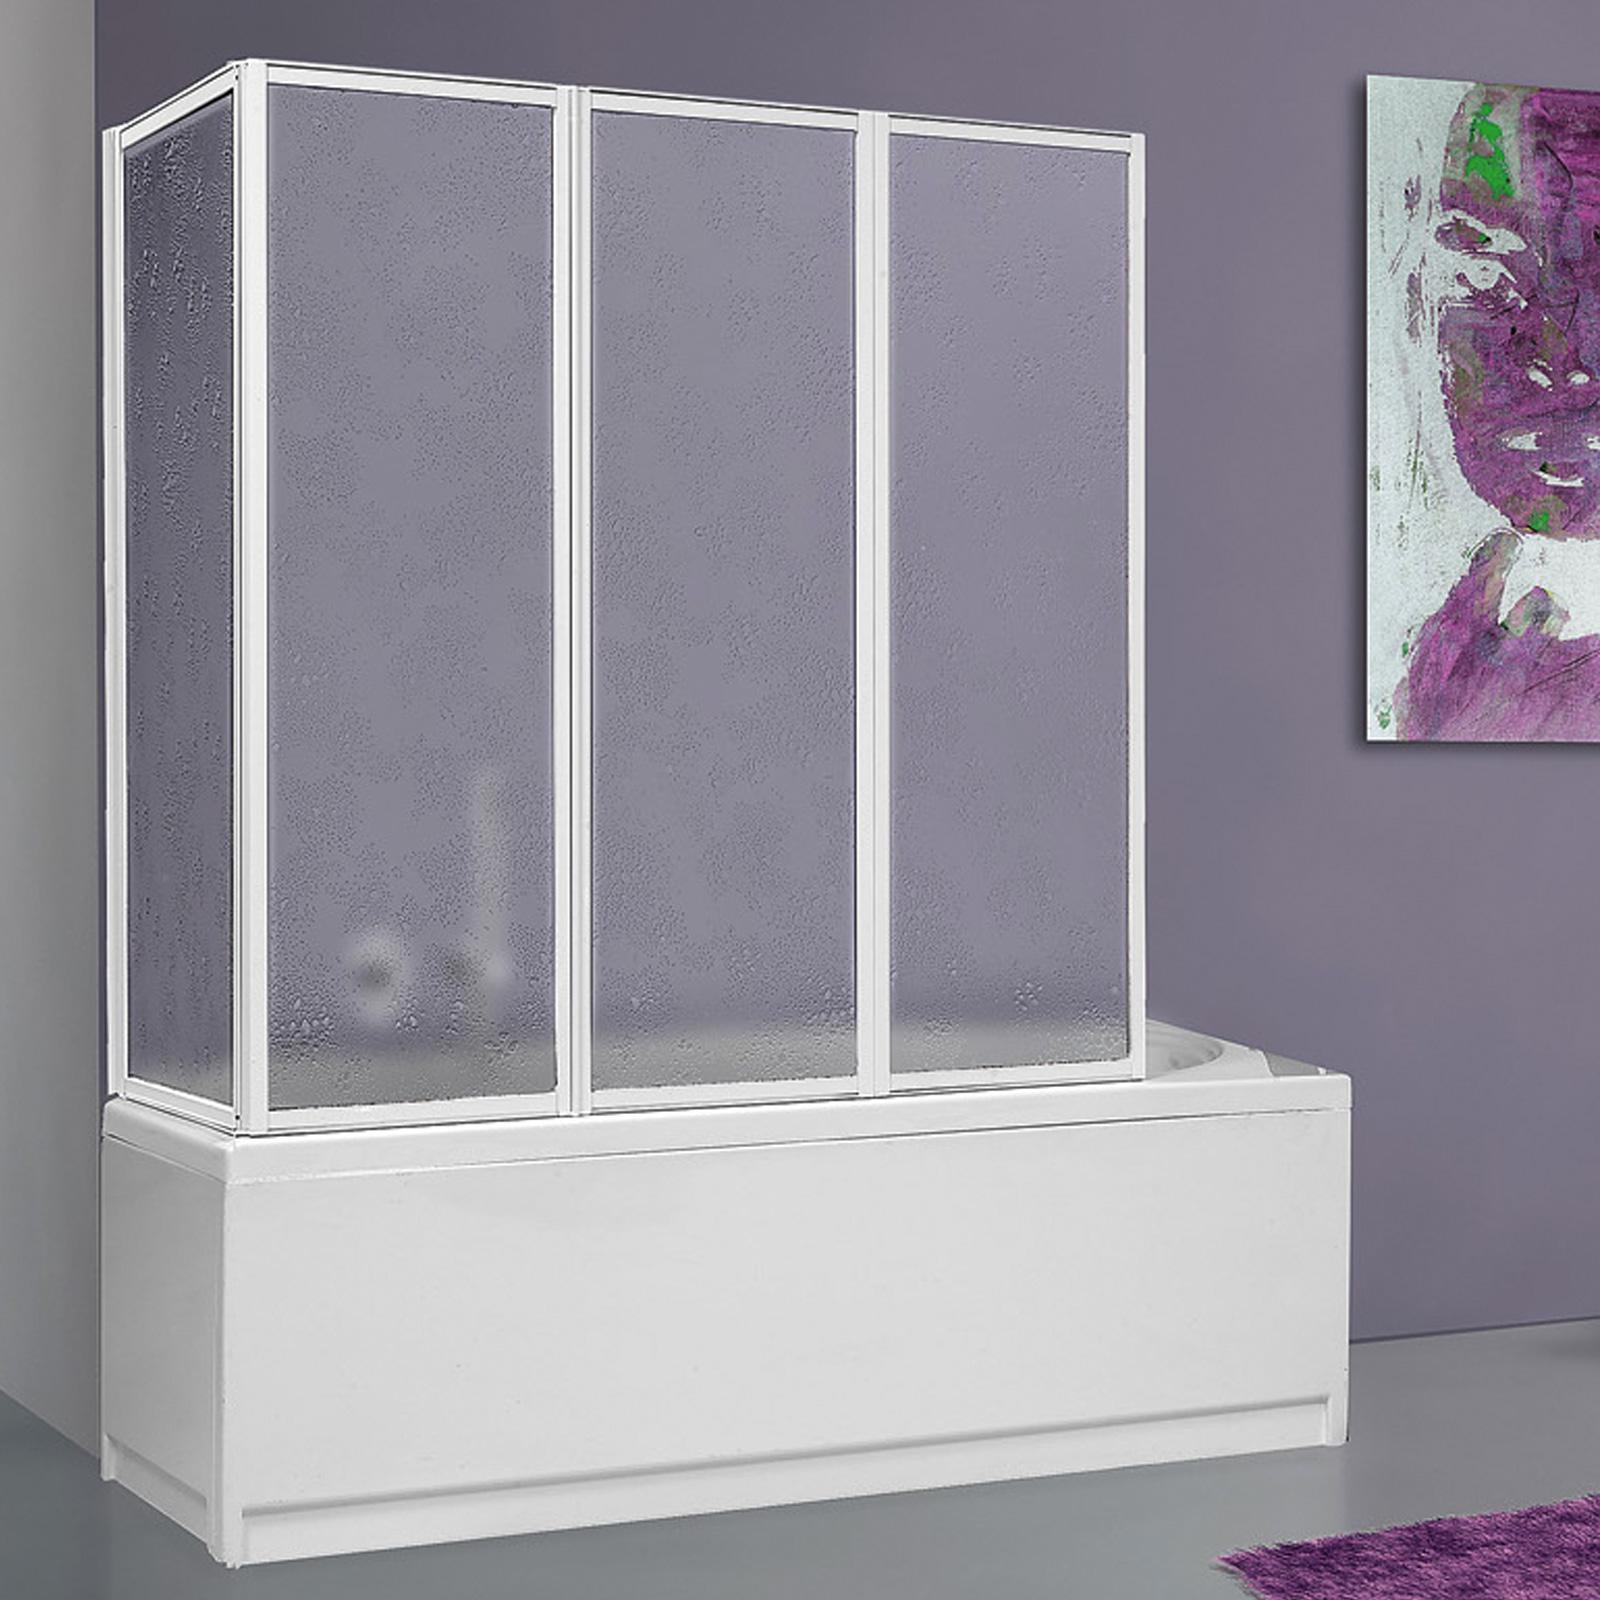 Box sopravasca 70x140 cm acrilico 2.2 mm con profili alluminio bianco